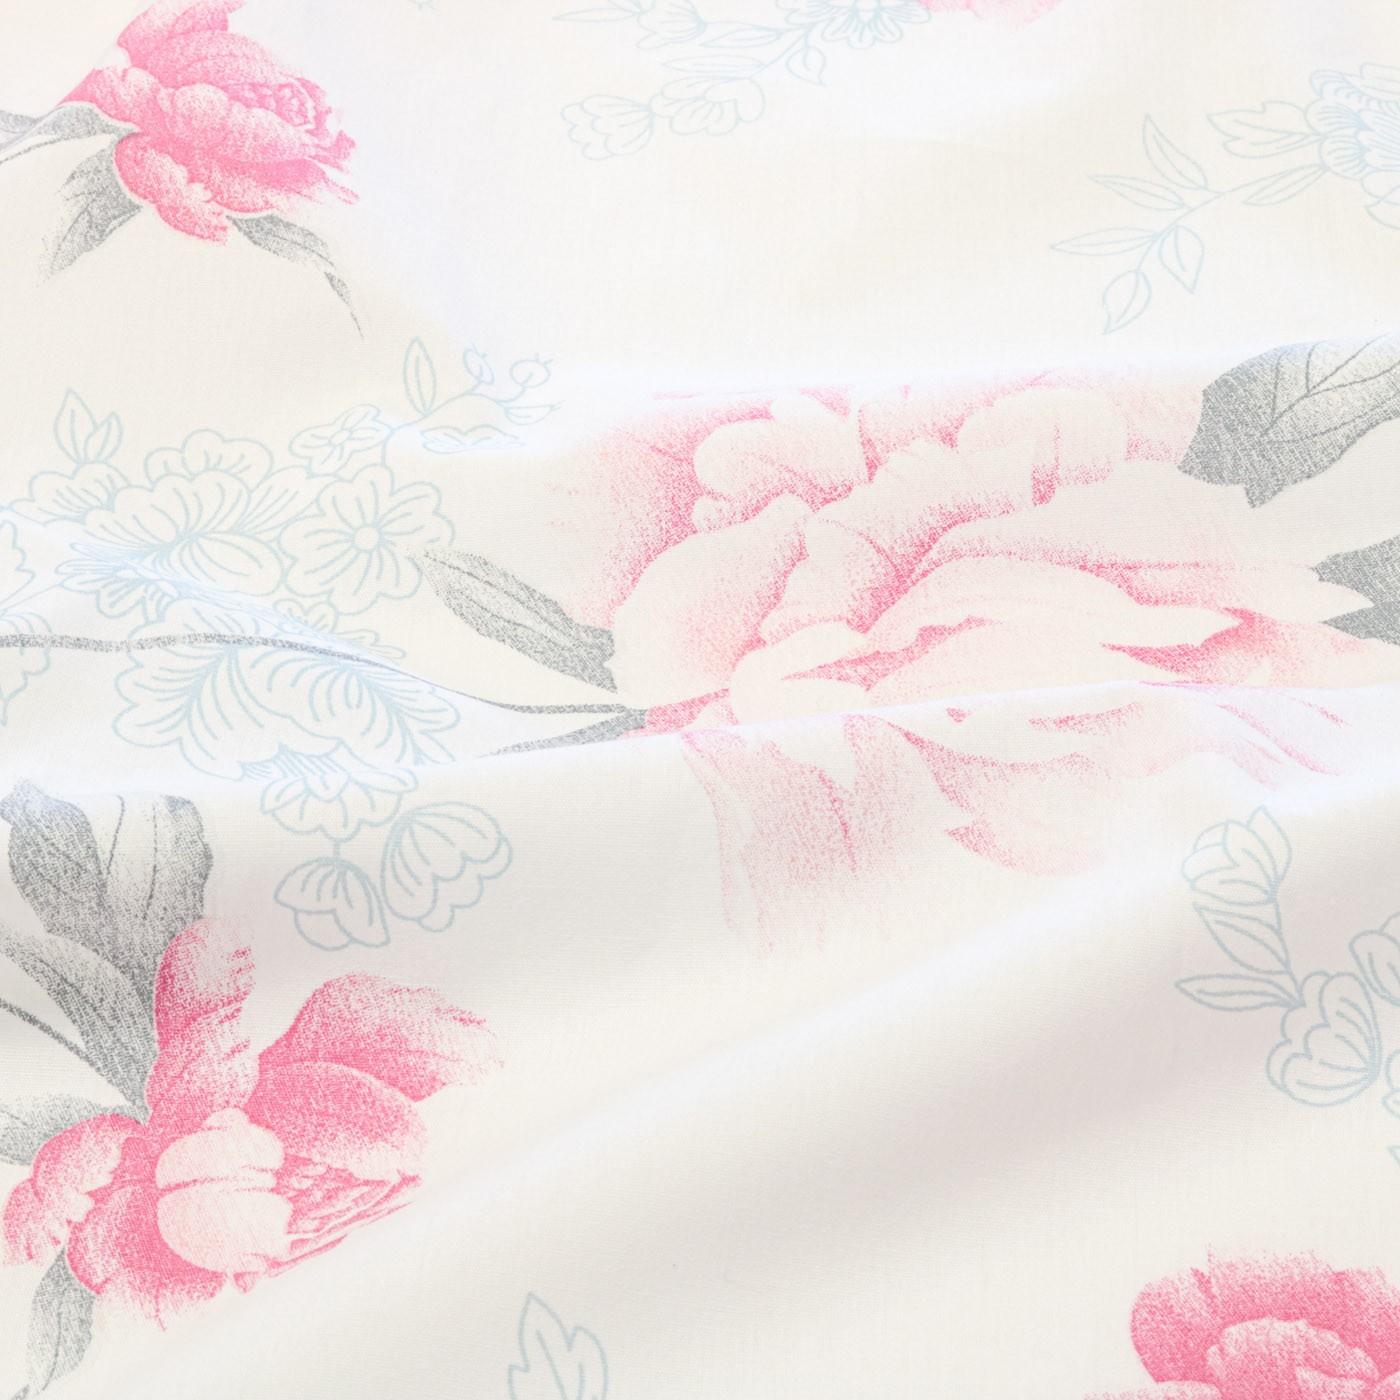 Tecido Percal Estampado 180 Fios 100% Algodão 2,50 m Flores Rosa